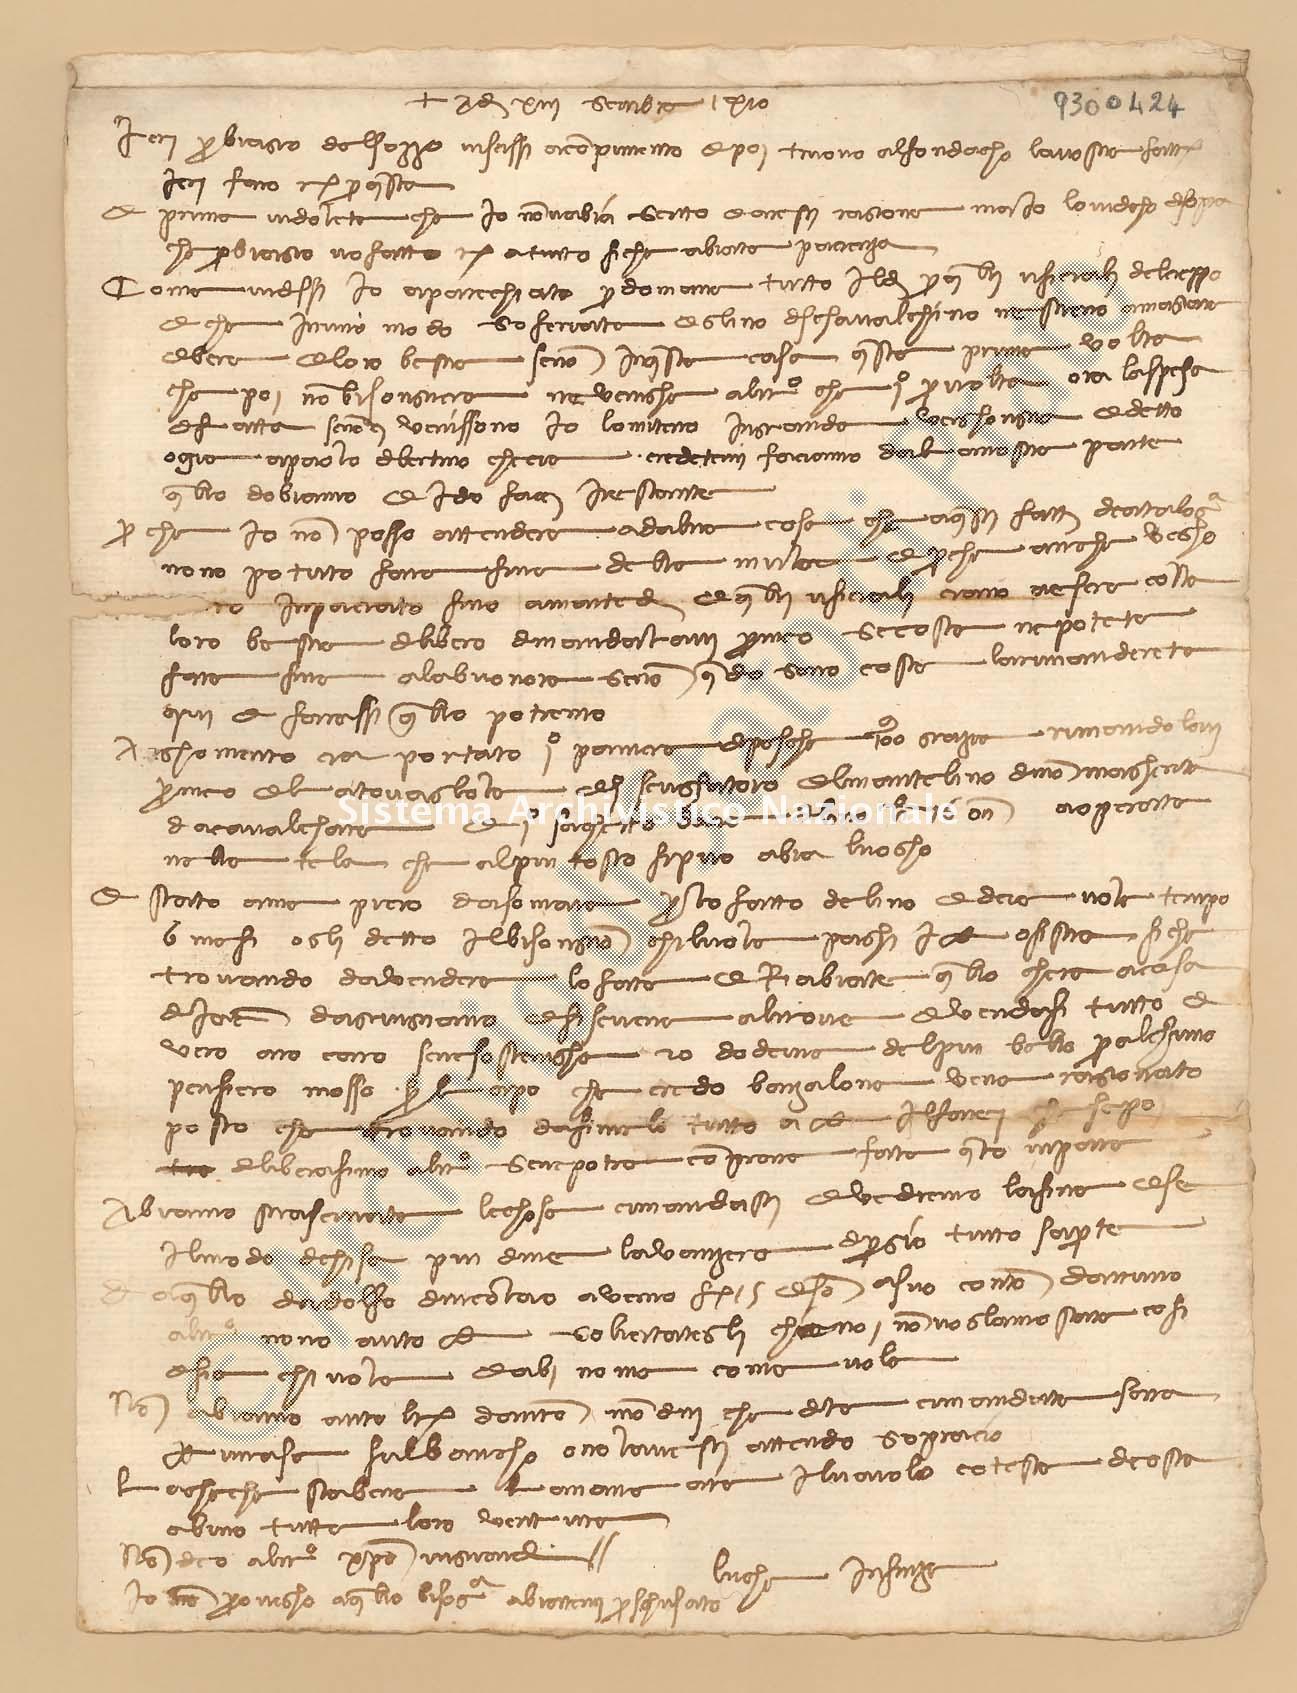 Archivio di Stato di Prato, Fondo Datini, Esecuzione testamentaria, Carteggio, 1118. Lettere Di Luca Del Sera a Rettori Del Ceppo Dei Poveri Di Francesco Di Marco Datini (busta 1118, codice 9300424)